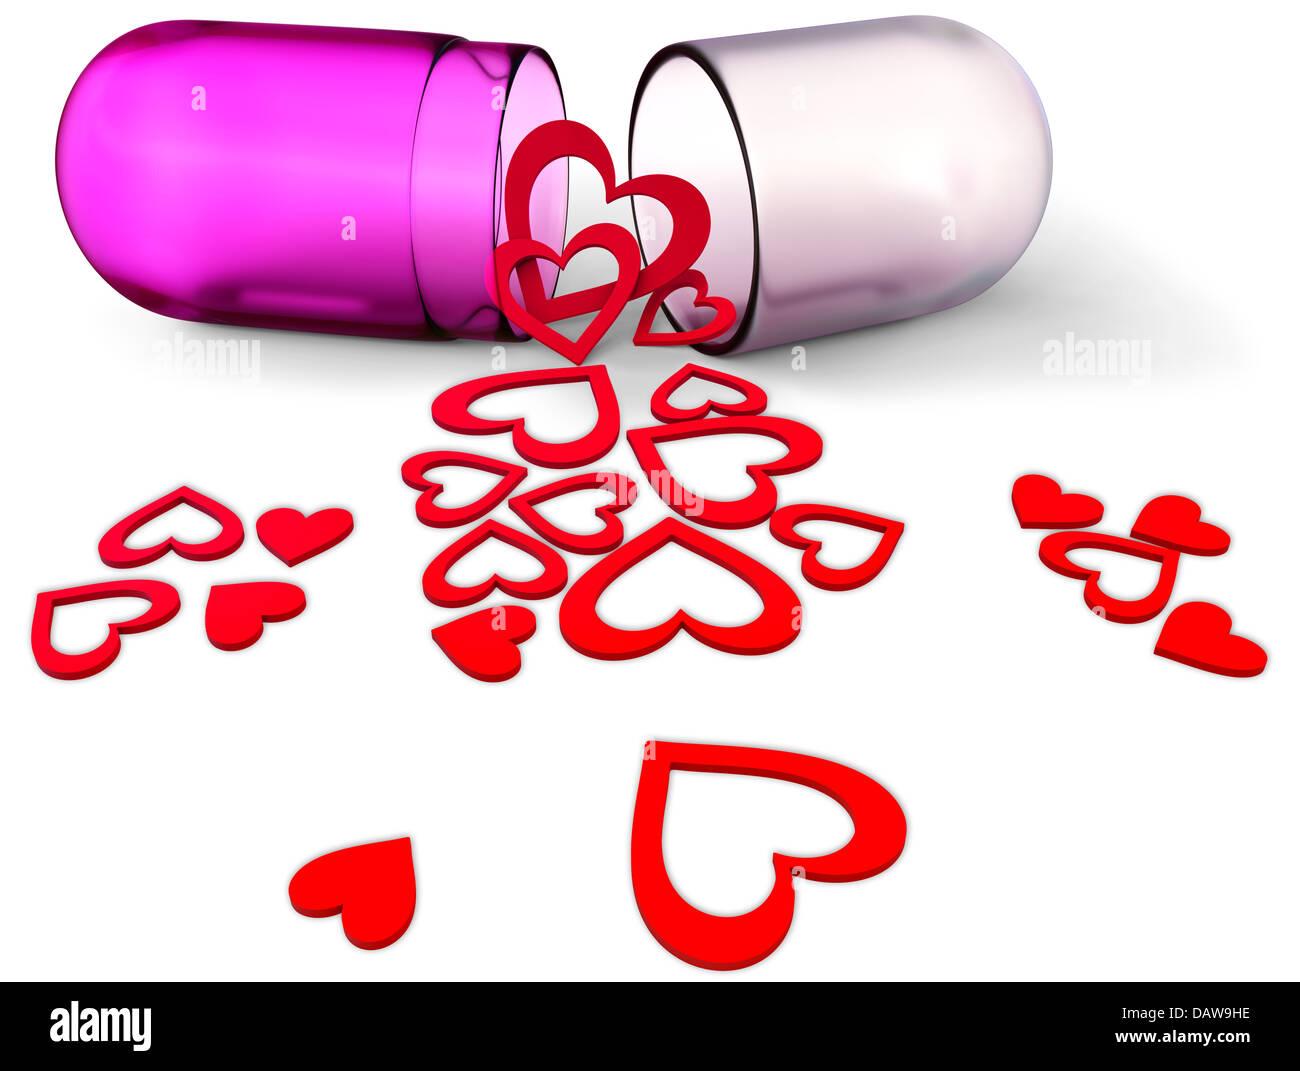 L'amour 3d comp avec coeurs rouges pour la Saint-Valentin Photo Stock